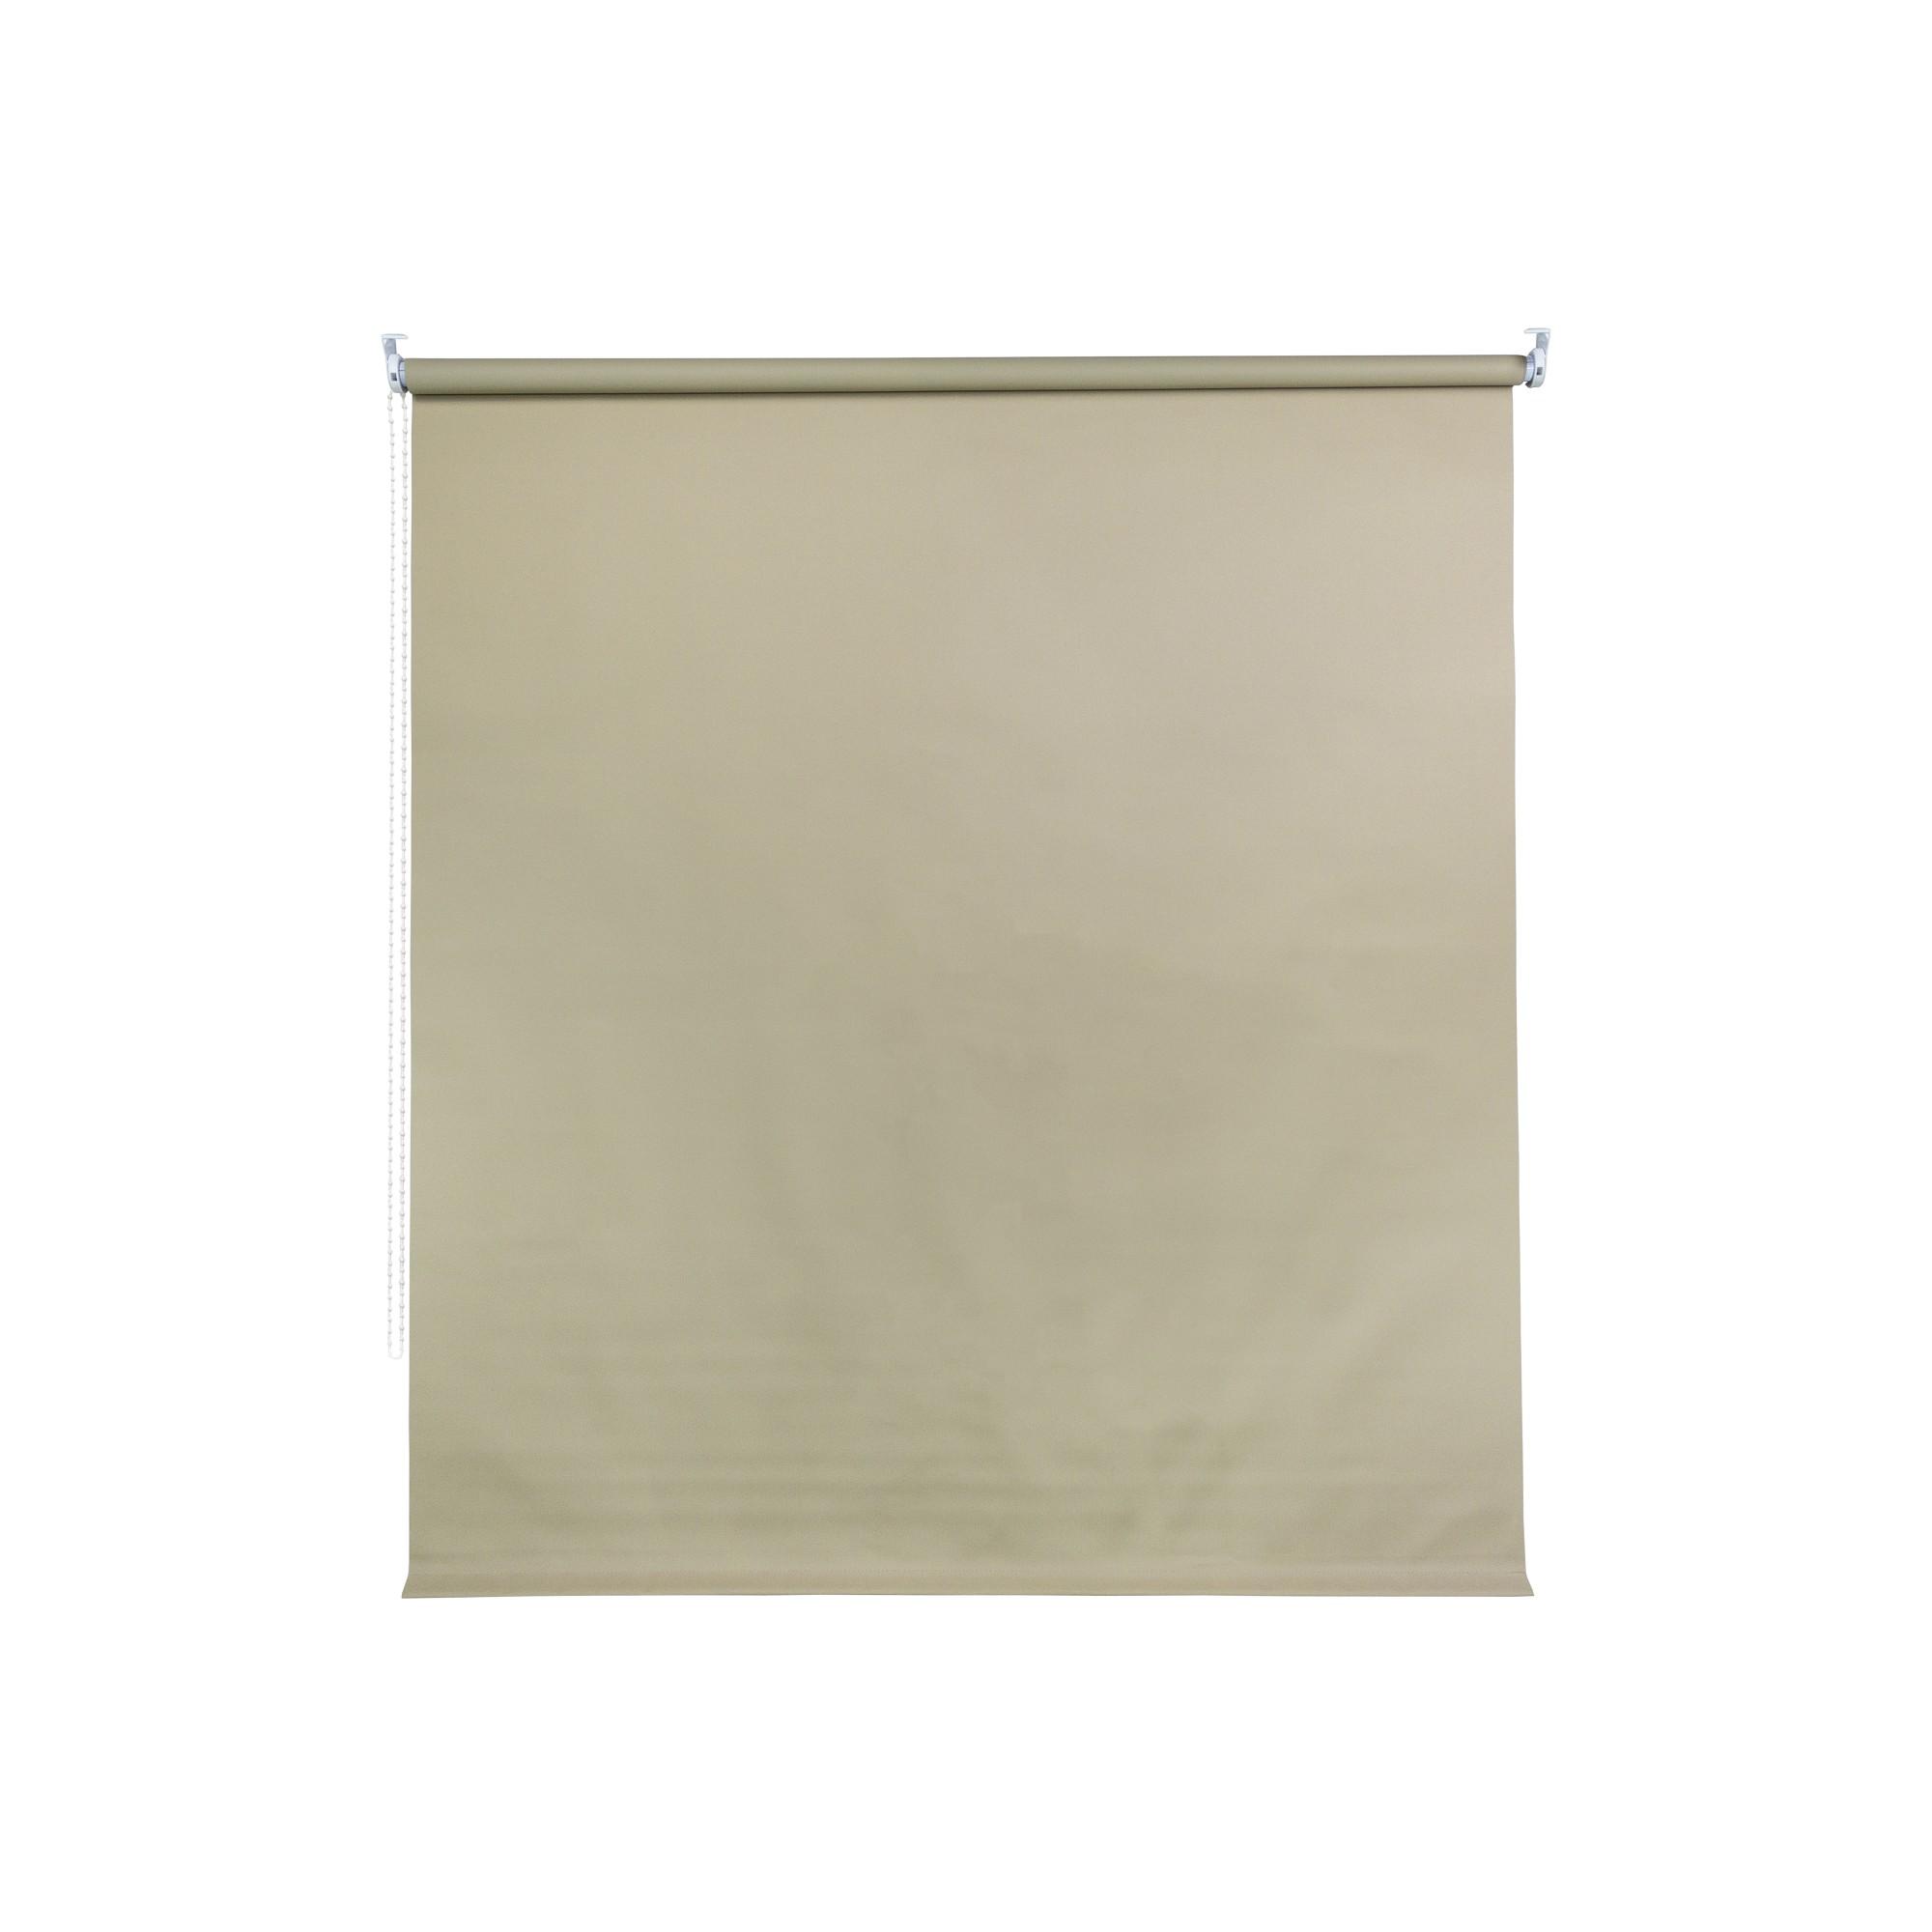 Persiana Rolo Poliester 160x170 cm Marfim D48-3 - Jolie